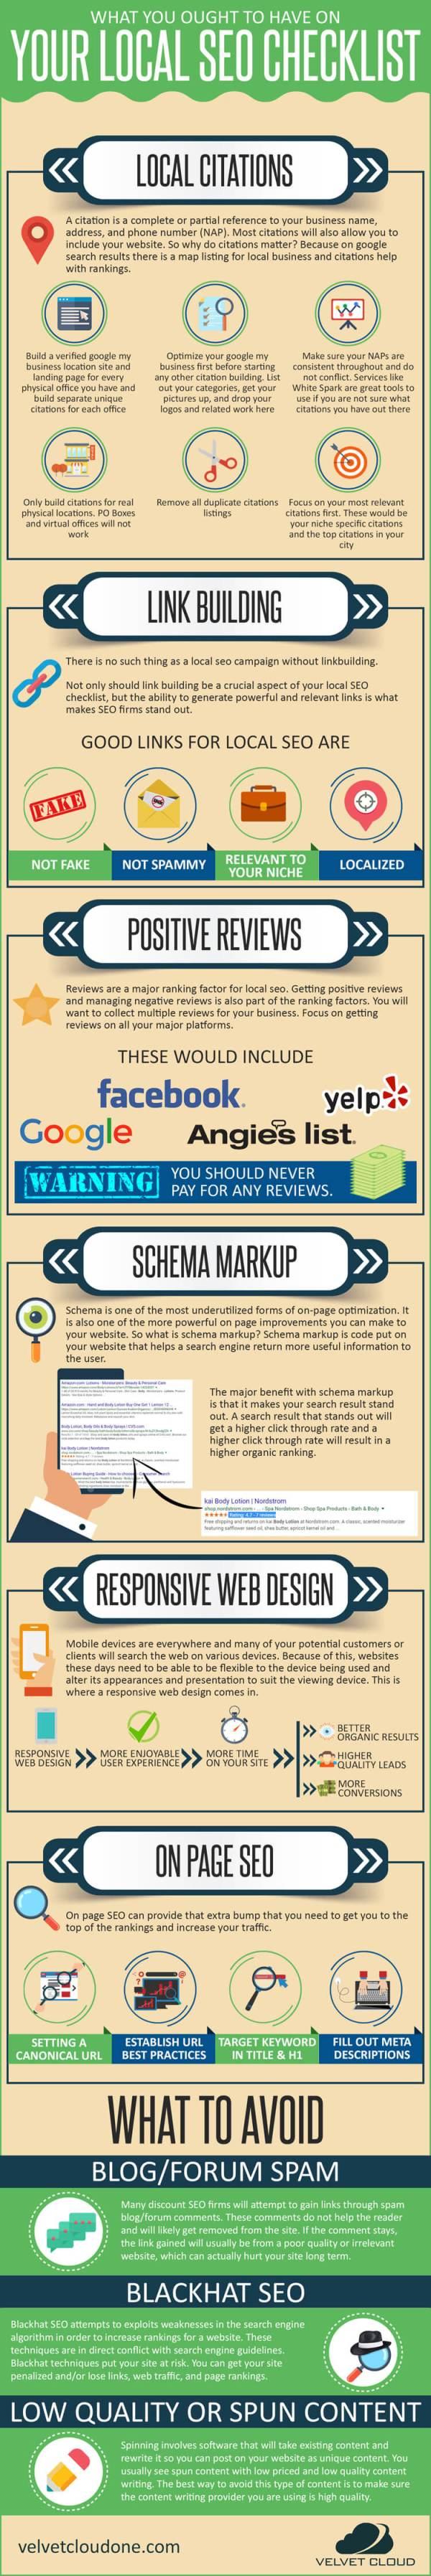 Local_SEO_Checklist_05